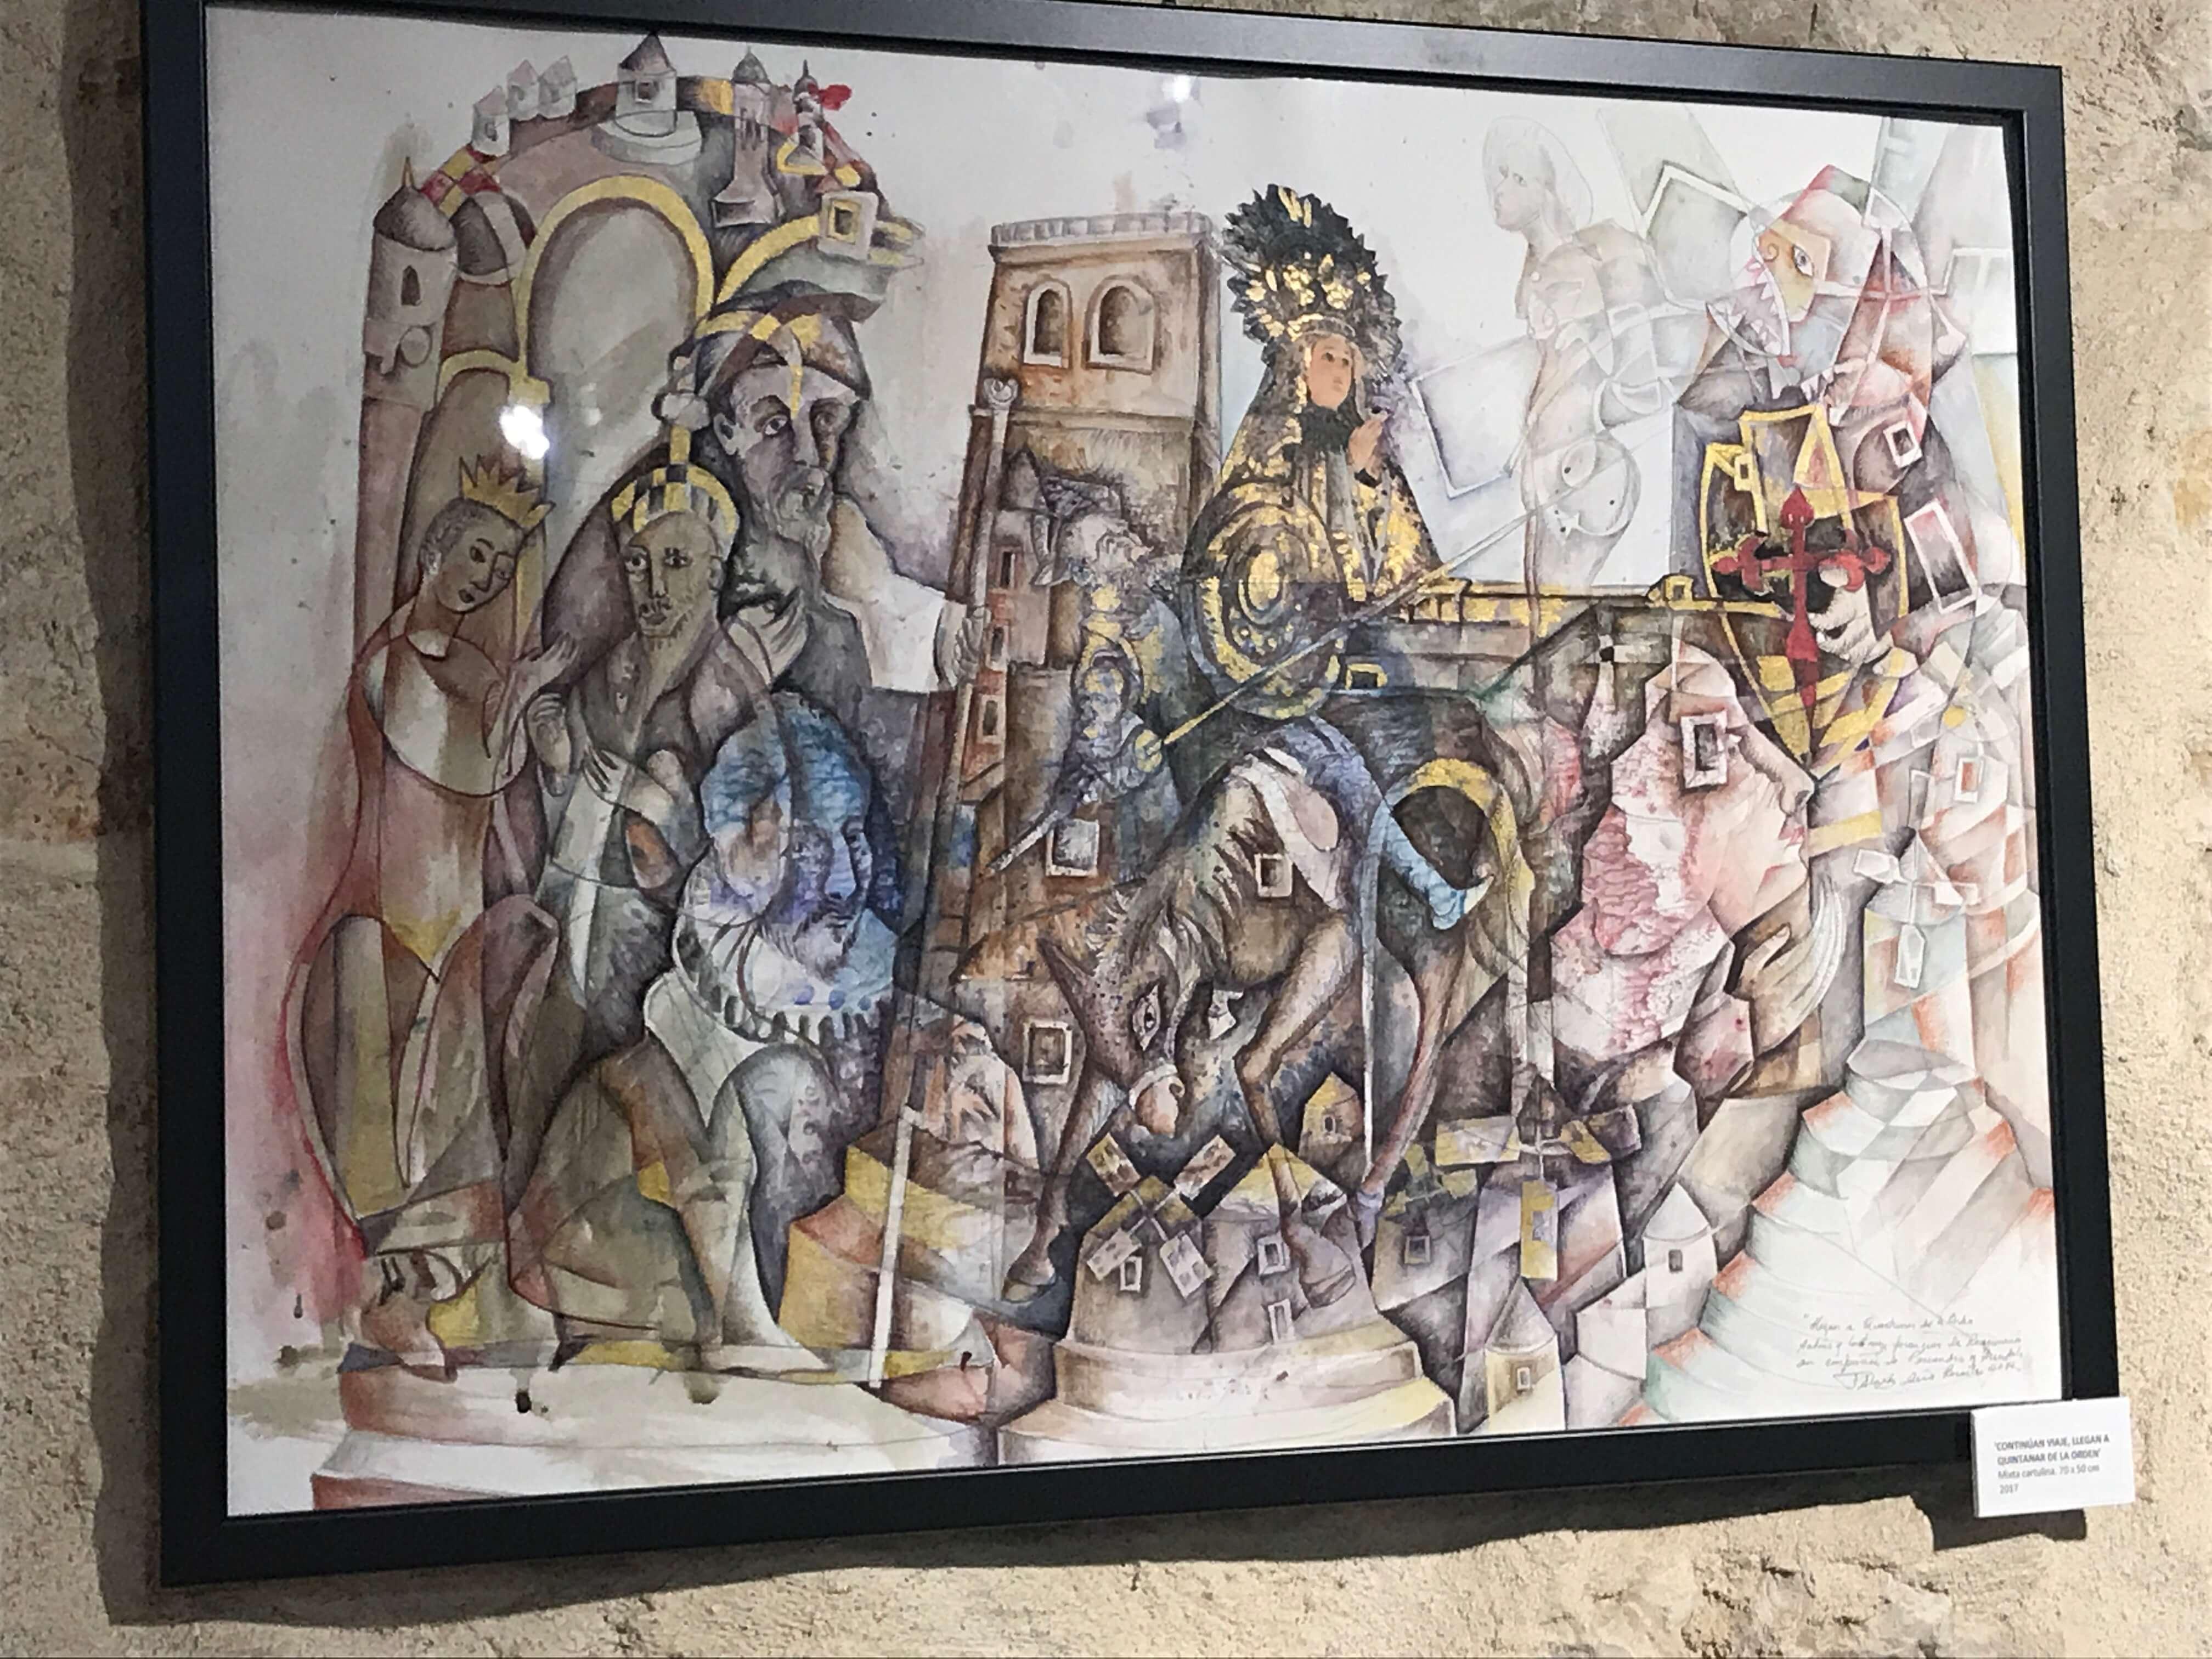 Exposición Persiles y Sigismunda